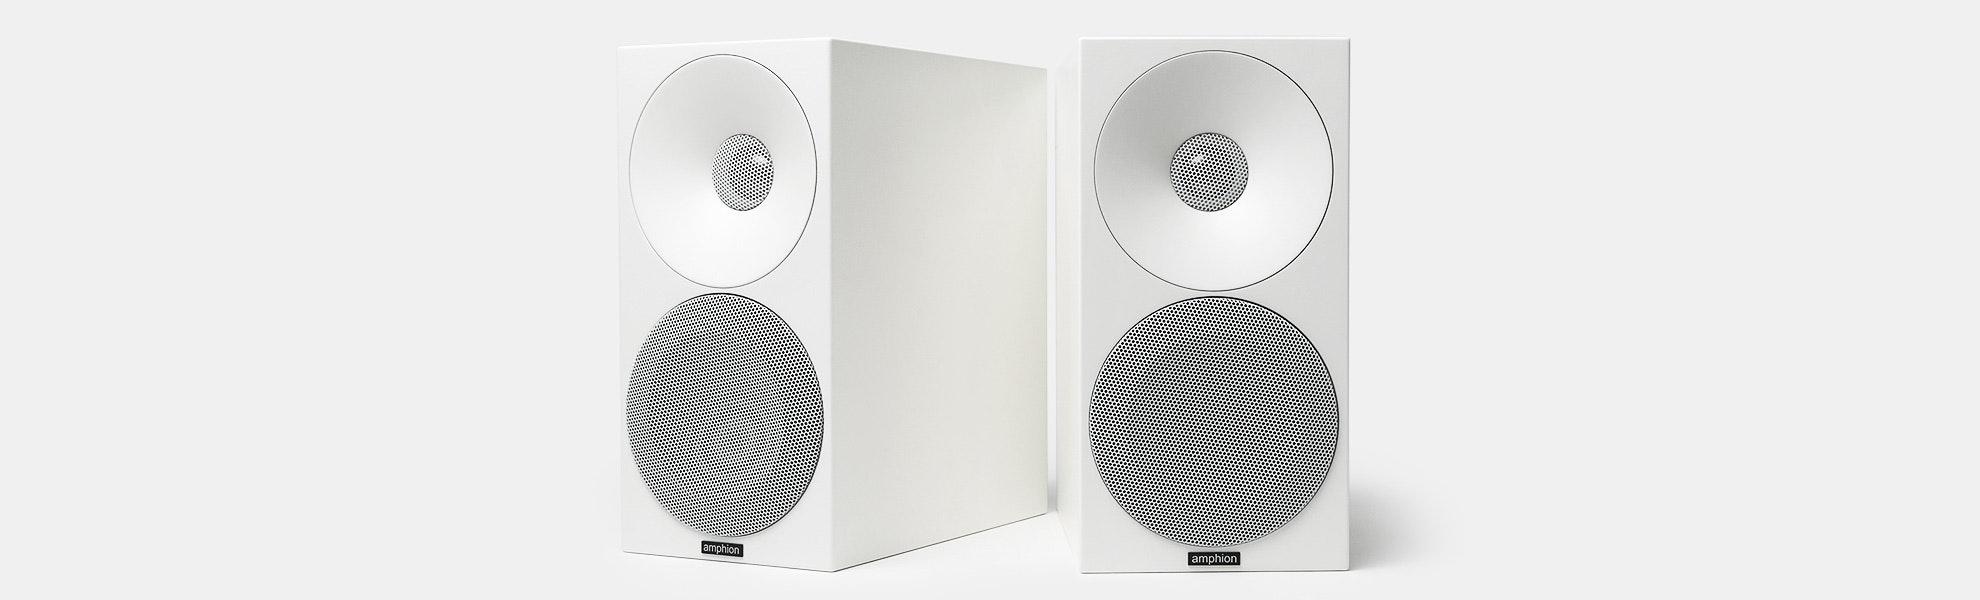 Amphion Helium410 Speakers